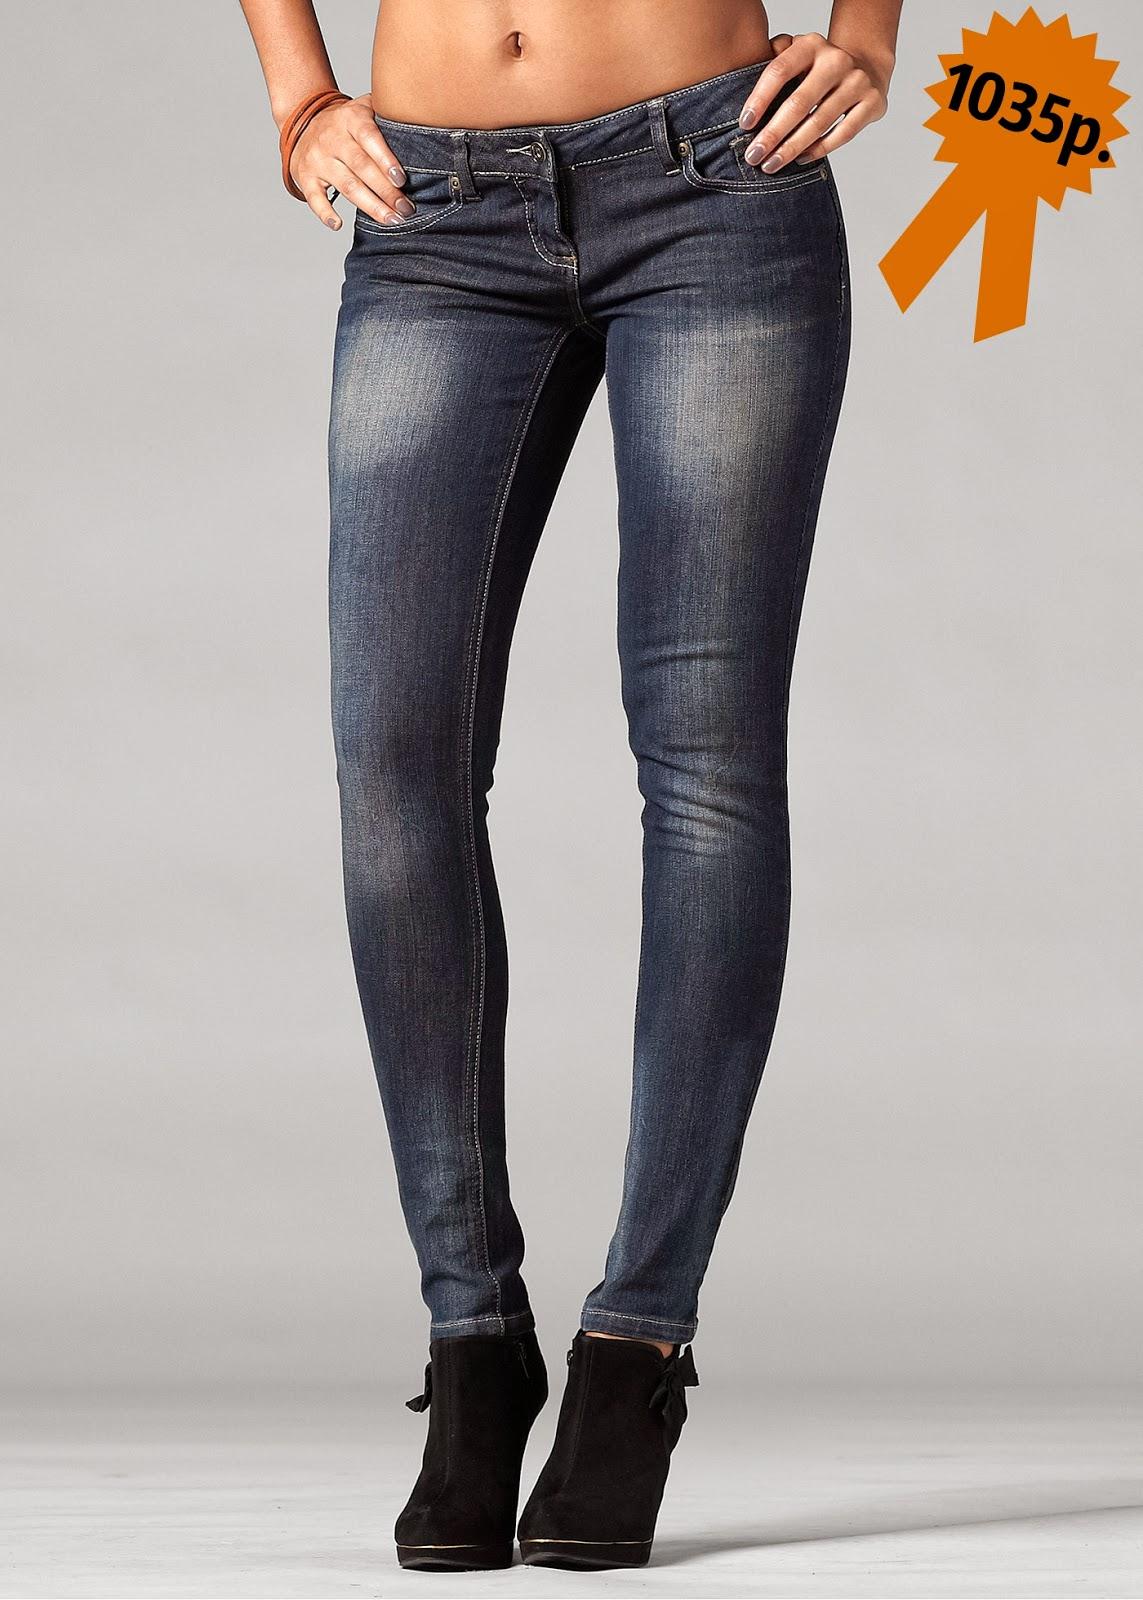 Узкие джинсы Rainbow от Bonprix